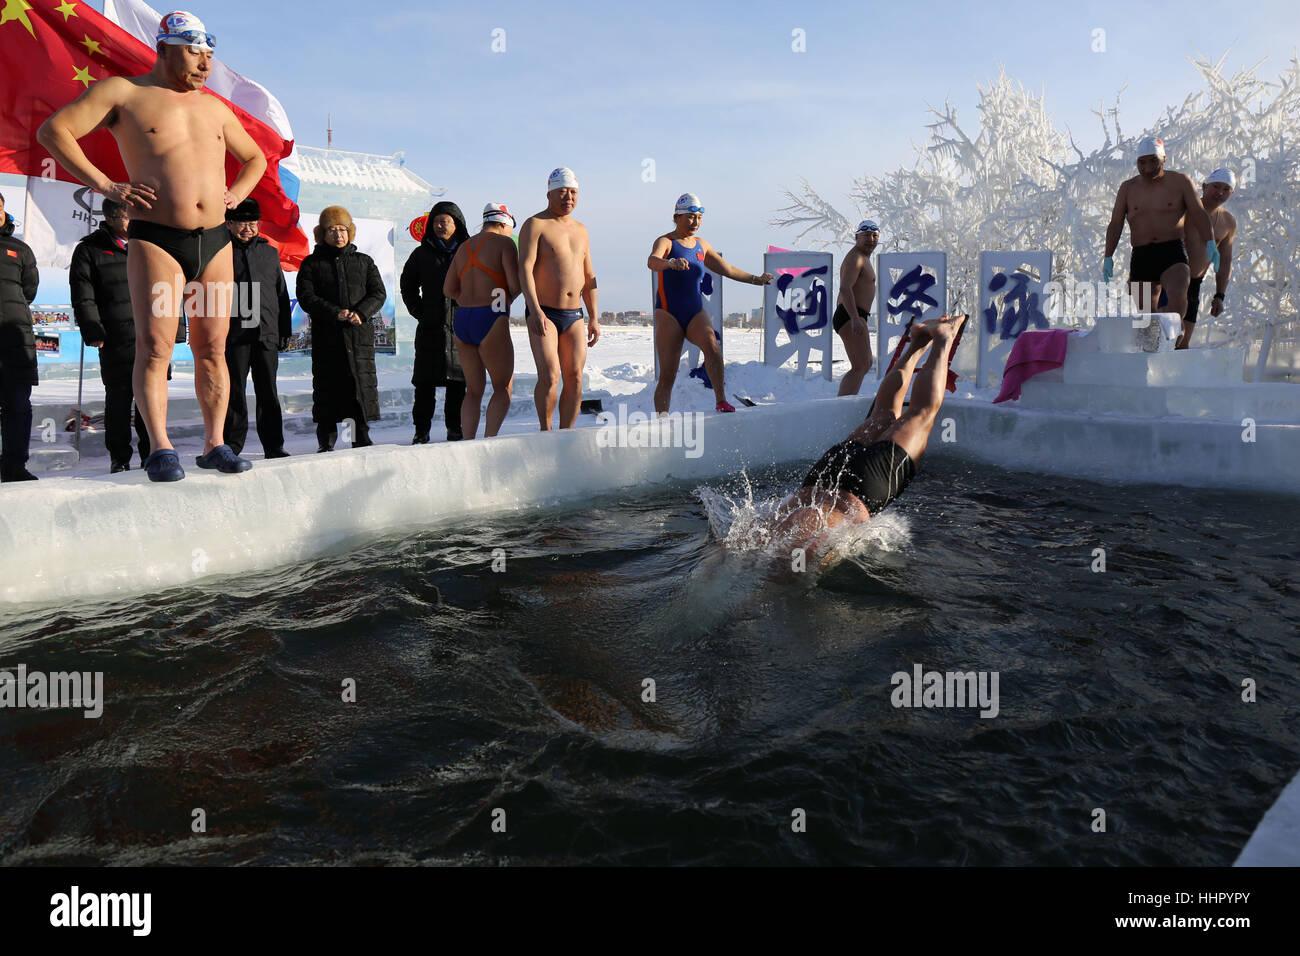 Heihe, Heihe, Cina. Xiv gen, 2017. Heihe, CINA-gennaio 14 2017: (solo uso editoriale. Cina OUT) più di 20 nuotatori Foto Stock